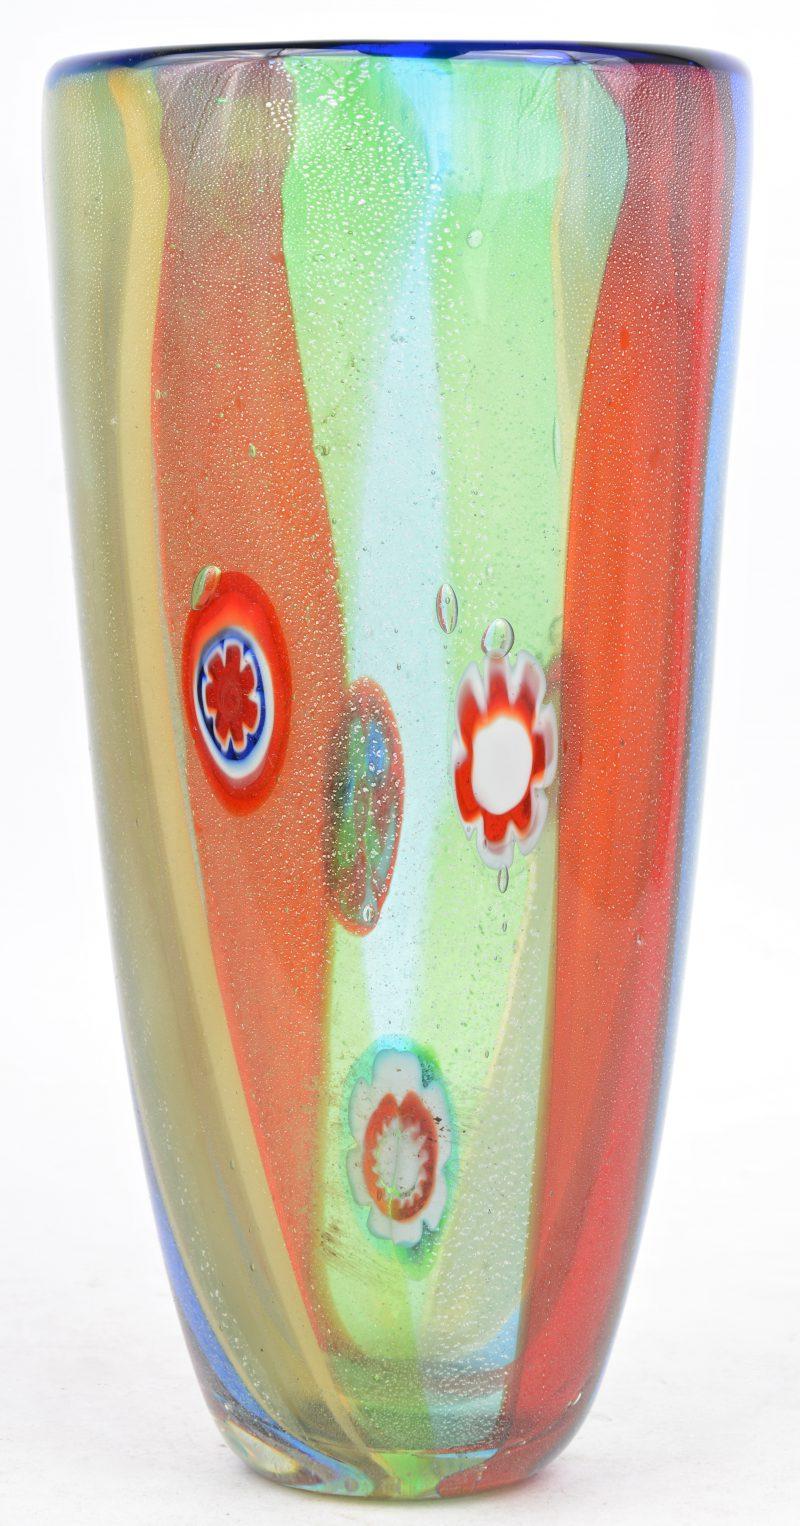 Een glazen vaas